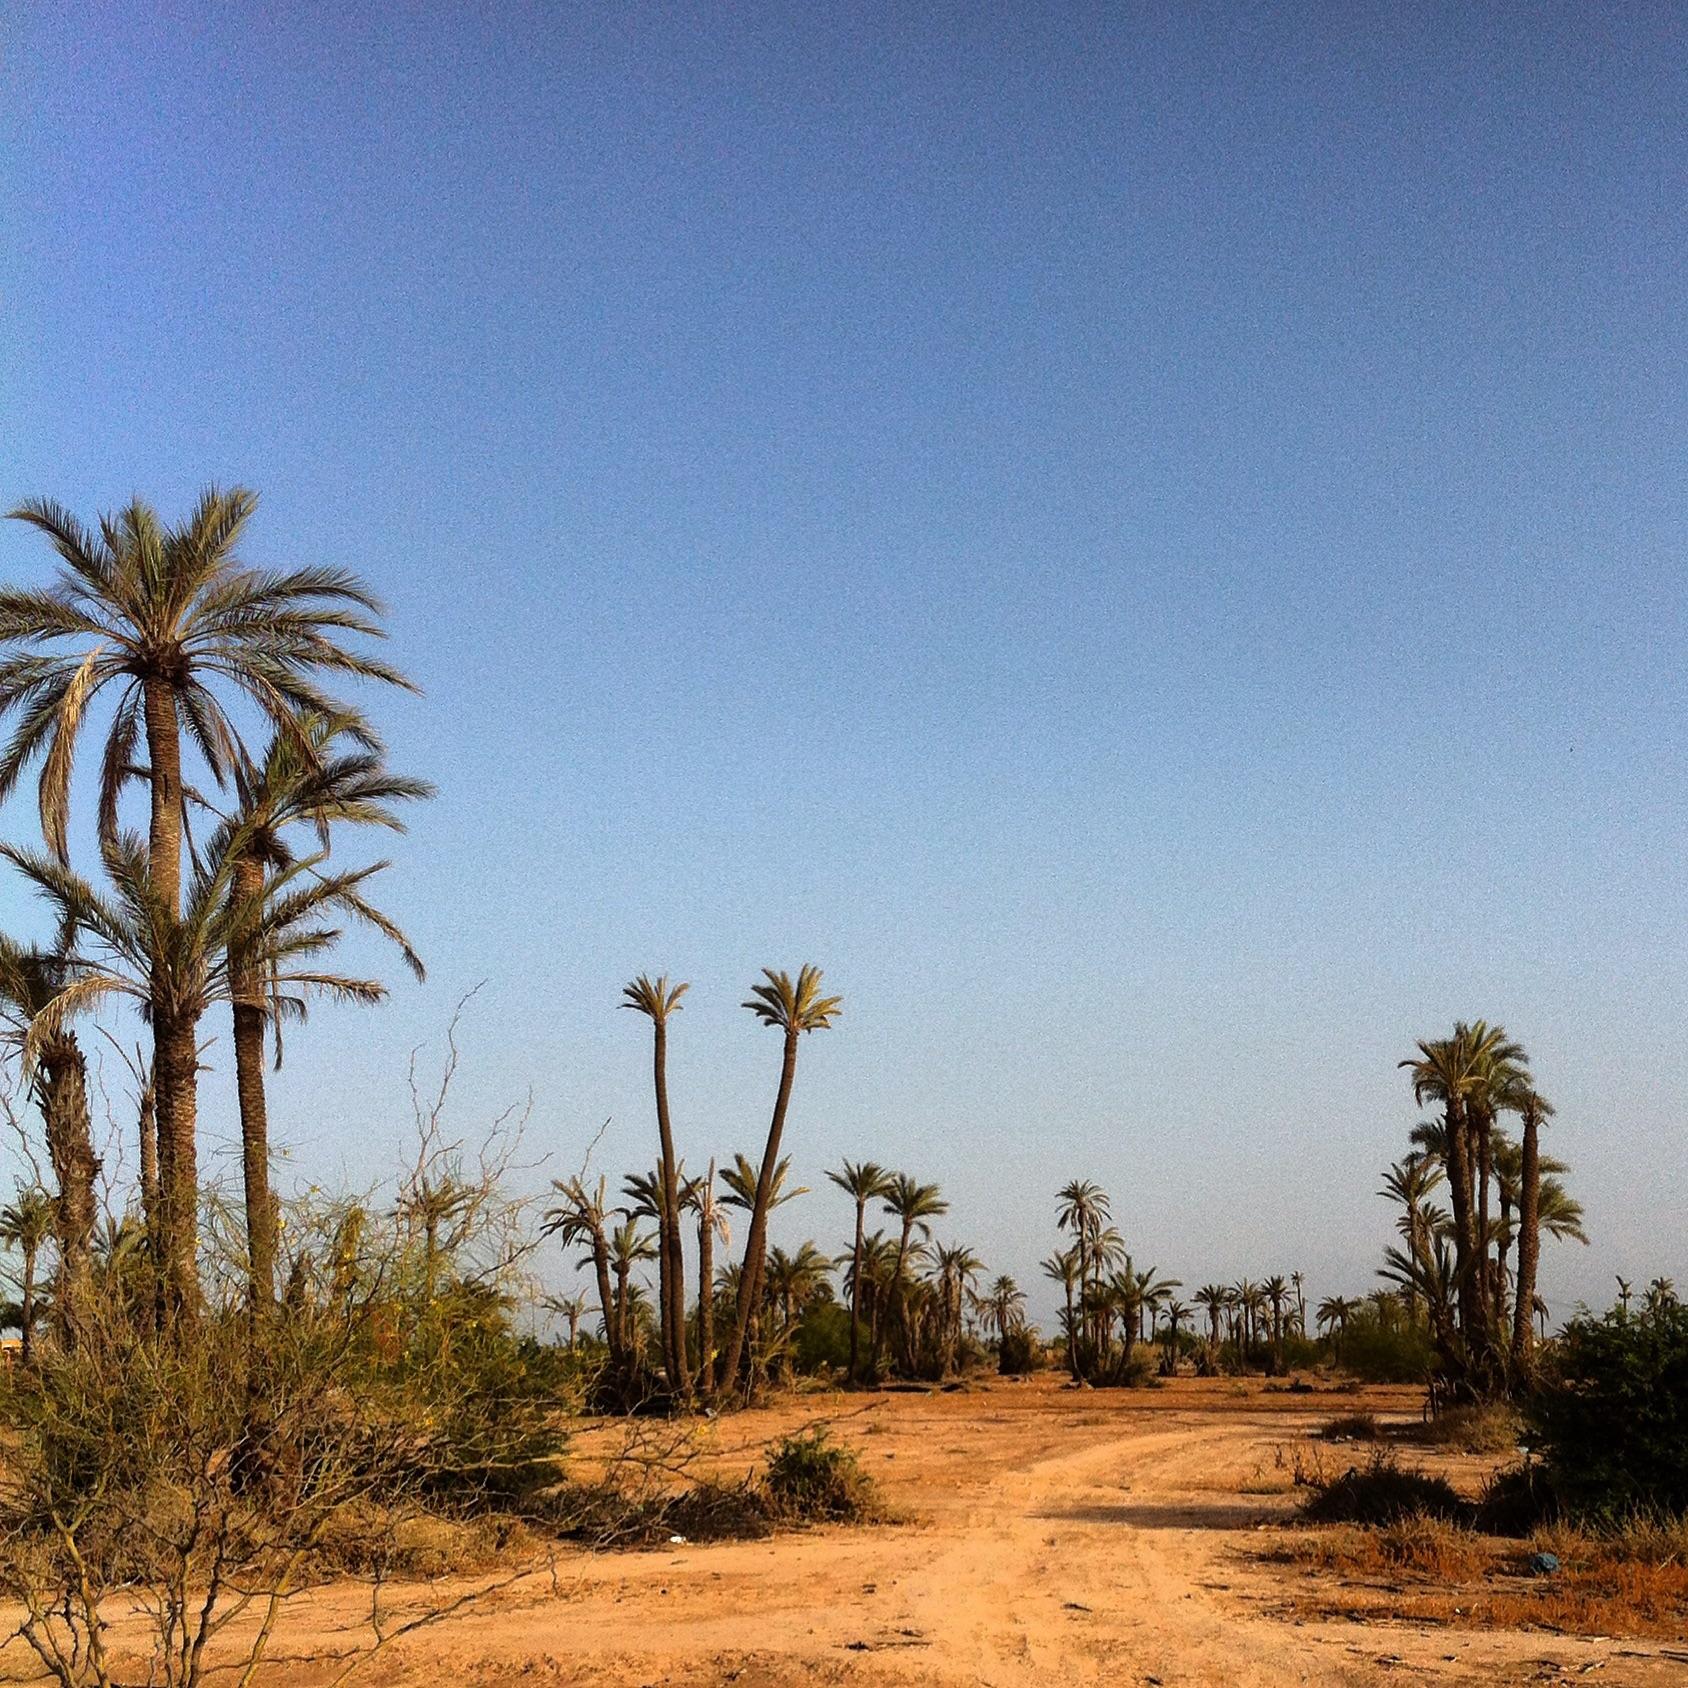 Short trail in Marrakech